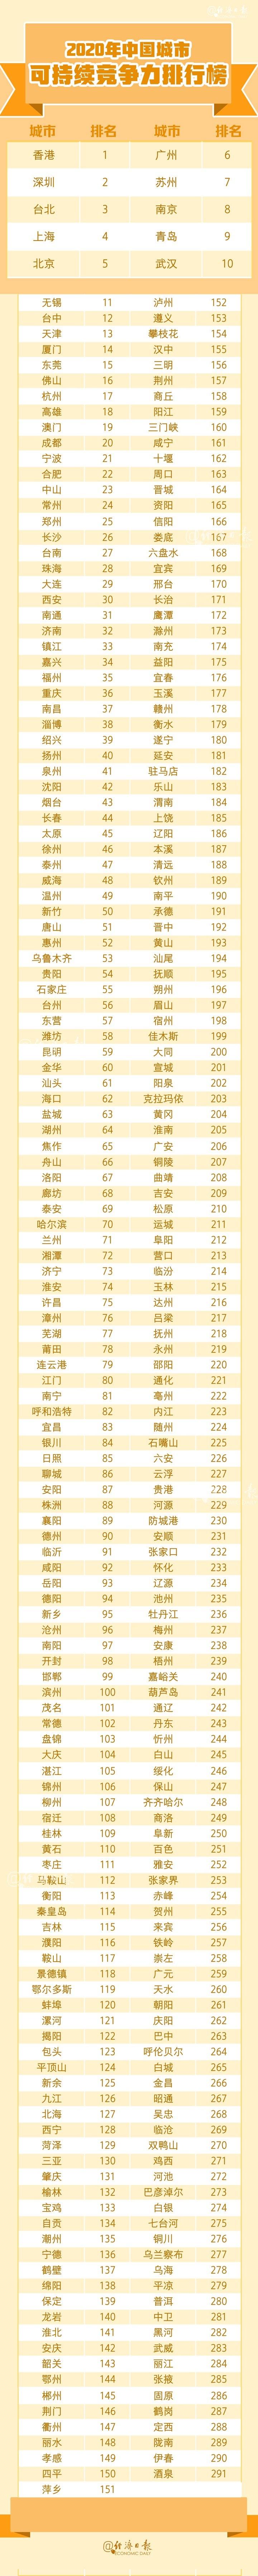 2020年中国城市综合经济竞争力排行榜出炉 湖南6城跻身百强